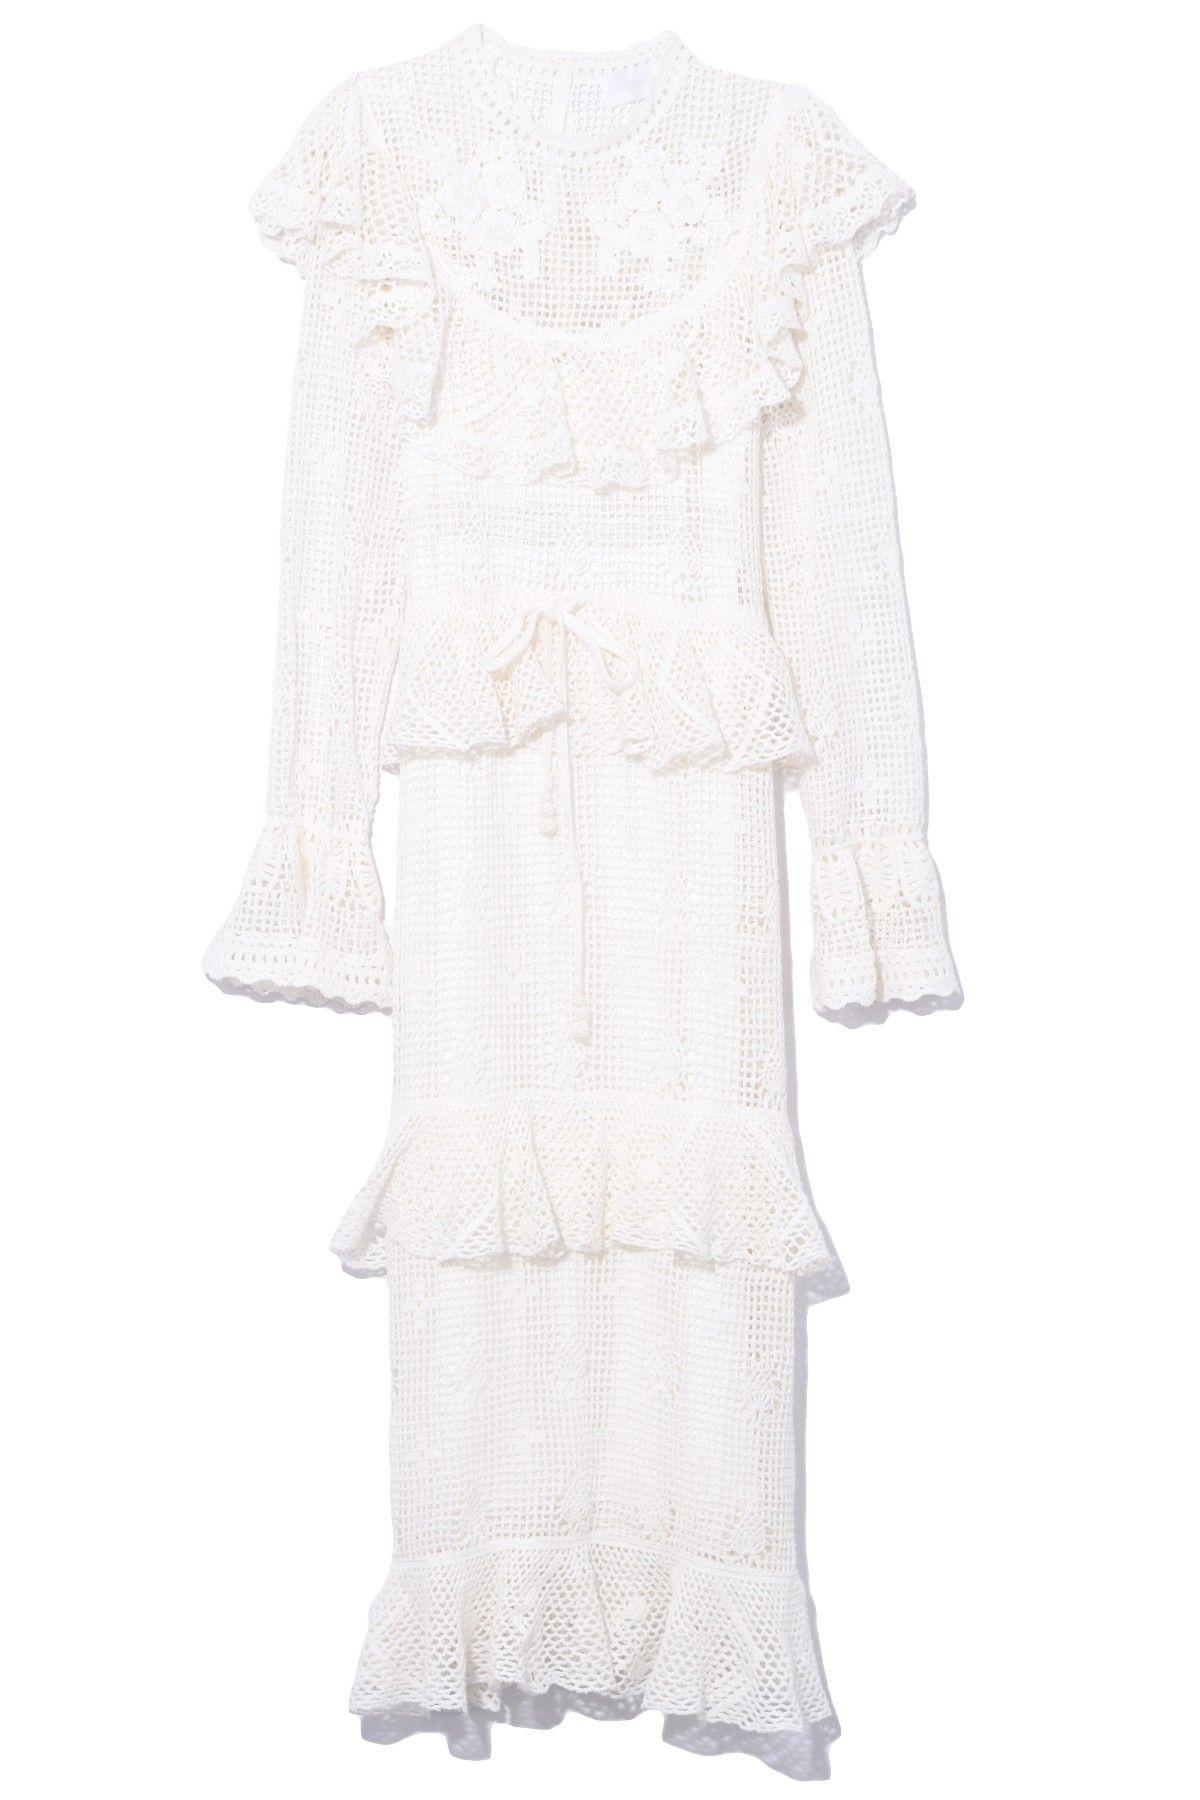 52e61e1a860 Zimmermann Castile Crochet Motif Dress in Ivory